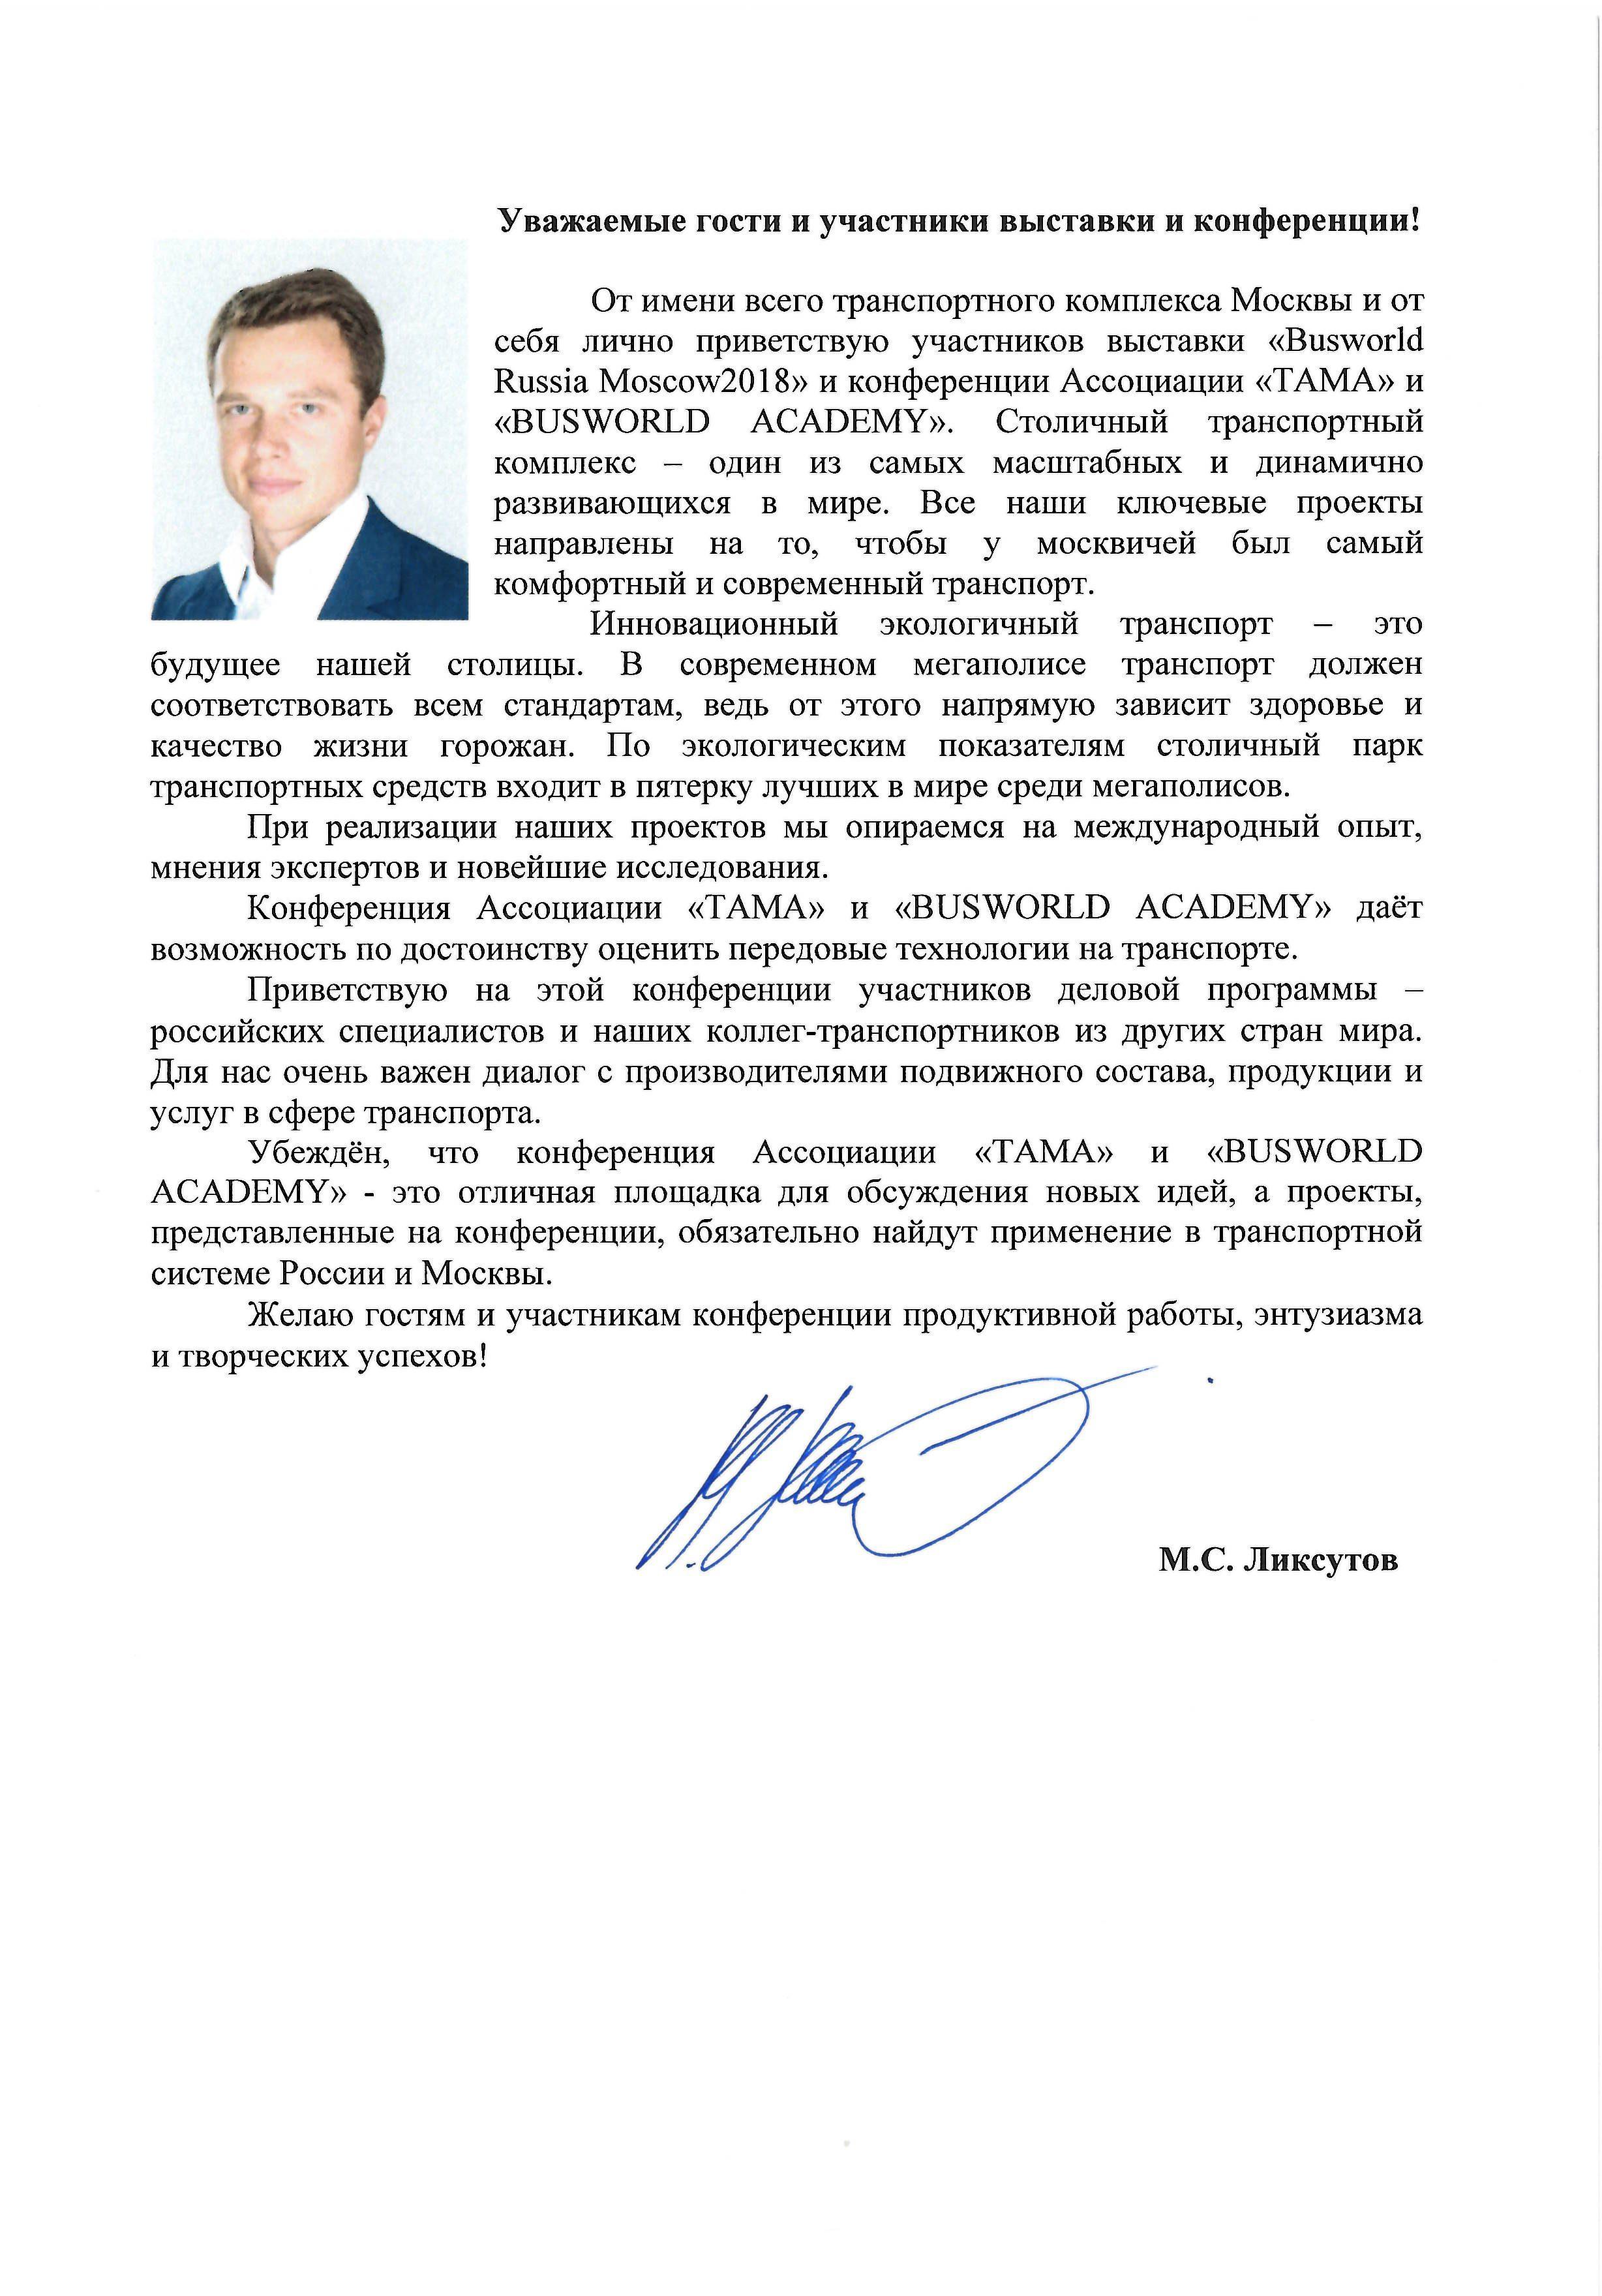 Приветственное письмо Ликсутова М.С.